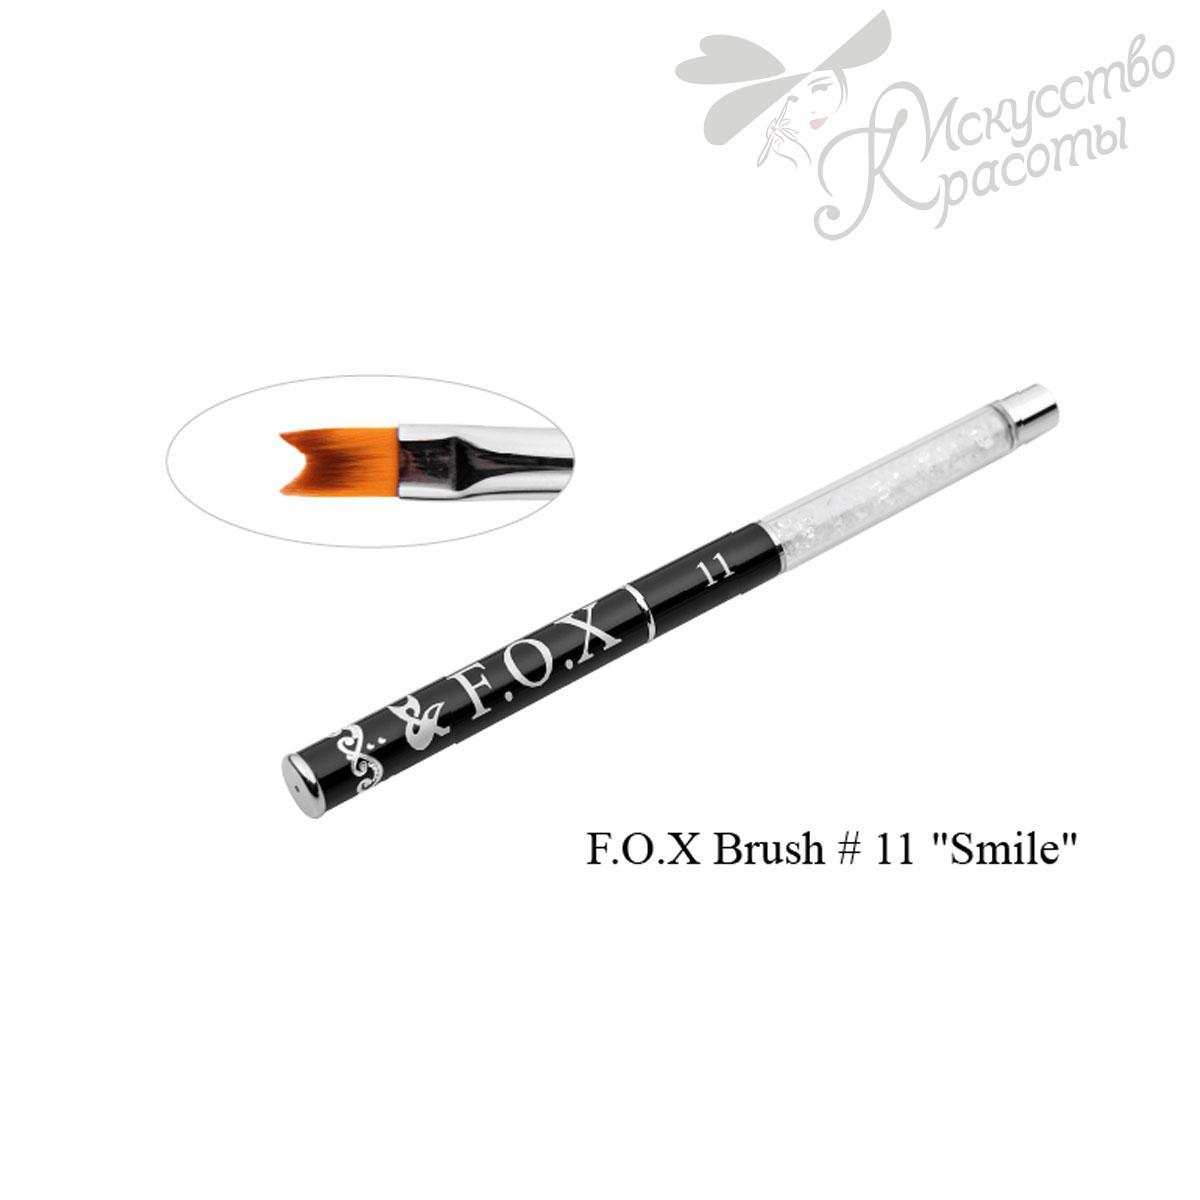 Кисть для дизайна 11 FOX